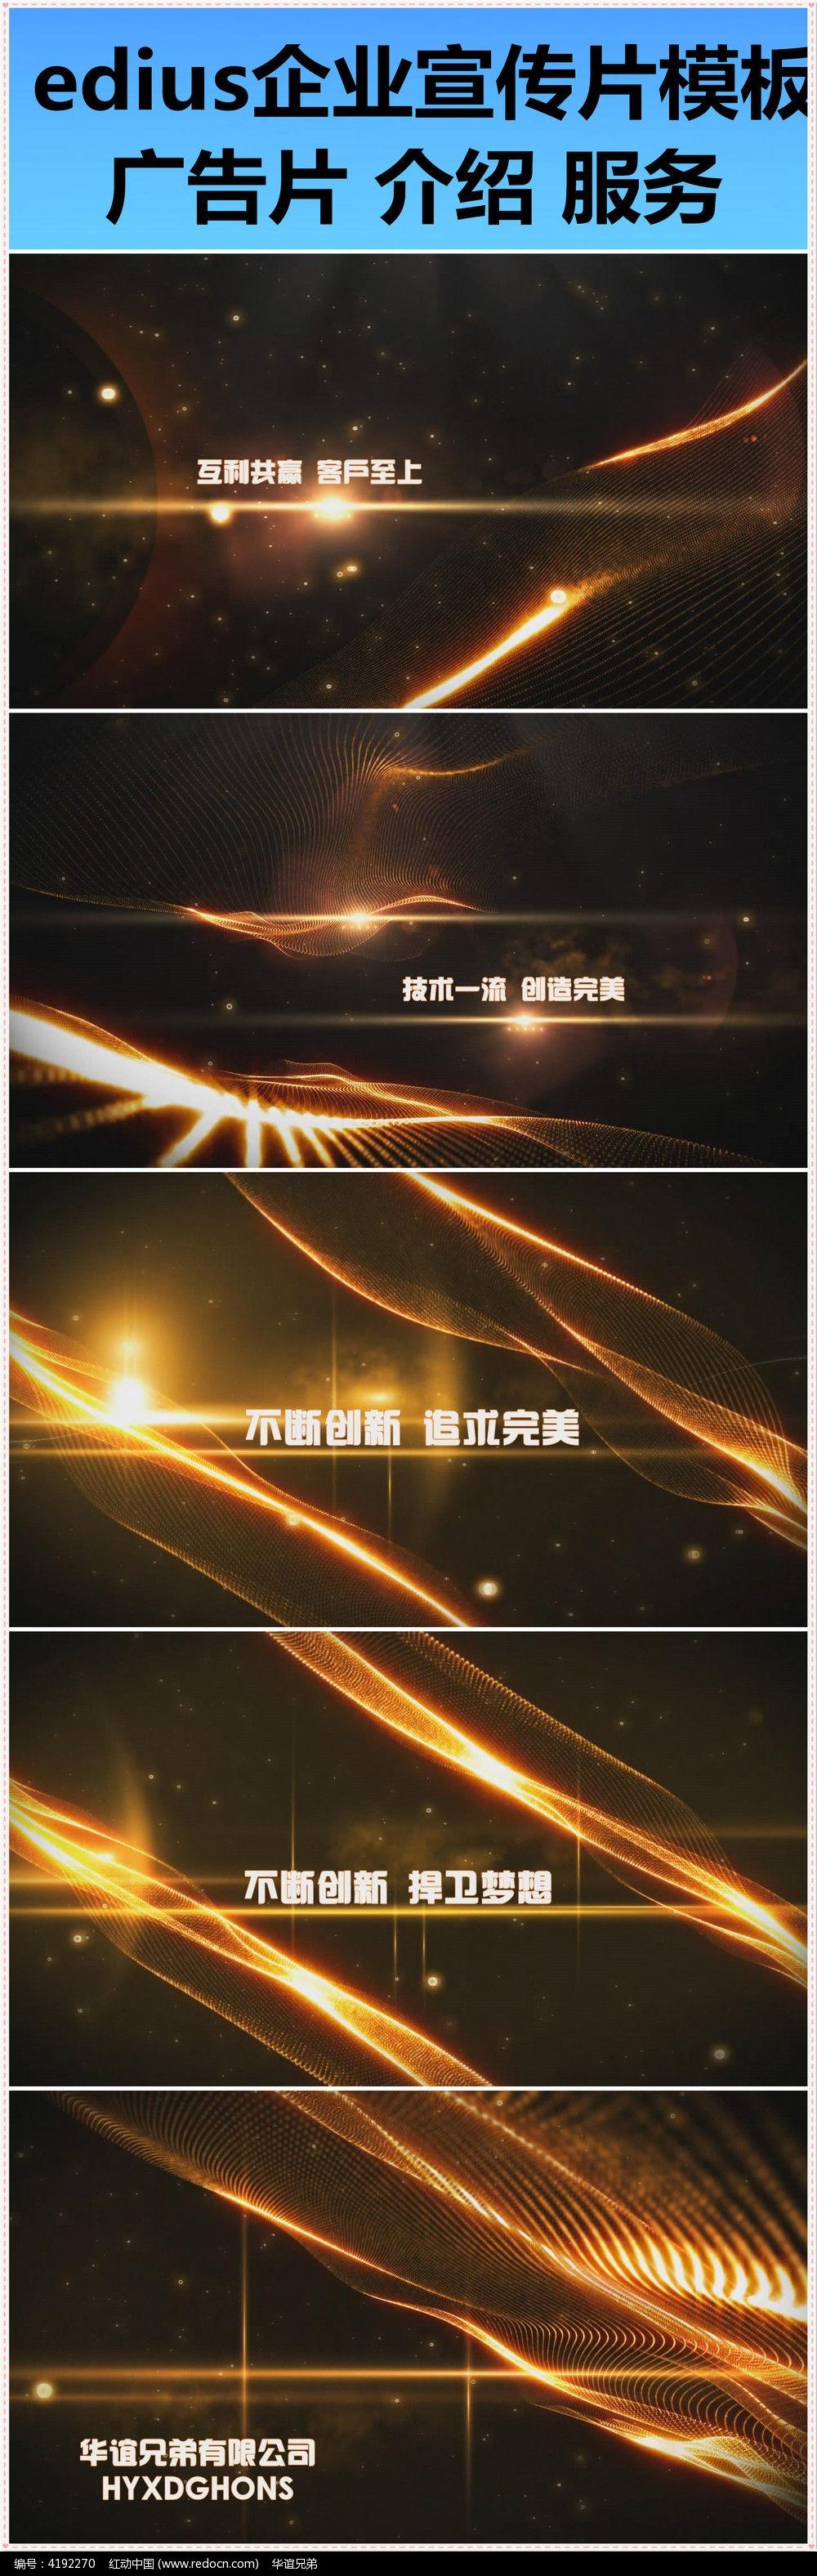 edius6.02企业宣传片片头视频模板mpg素材下载_片头片